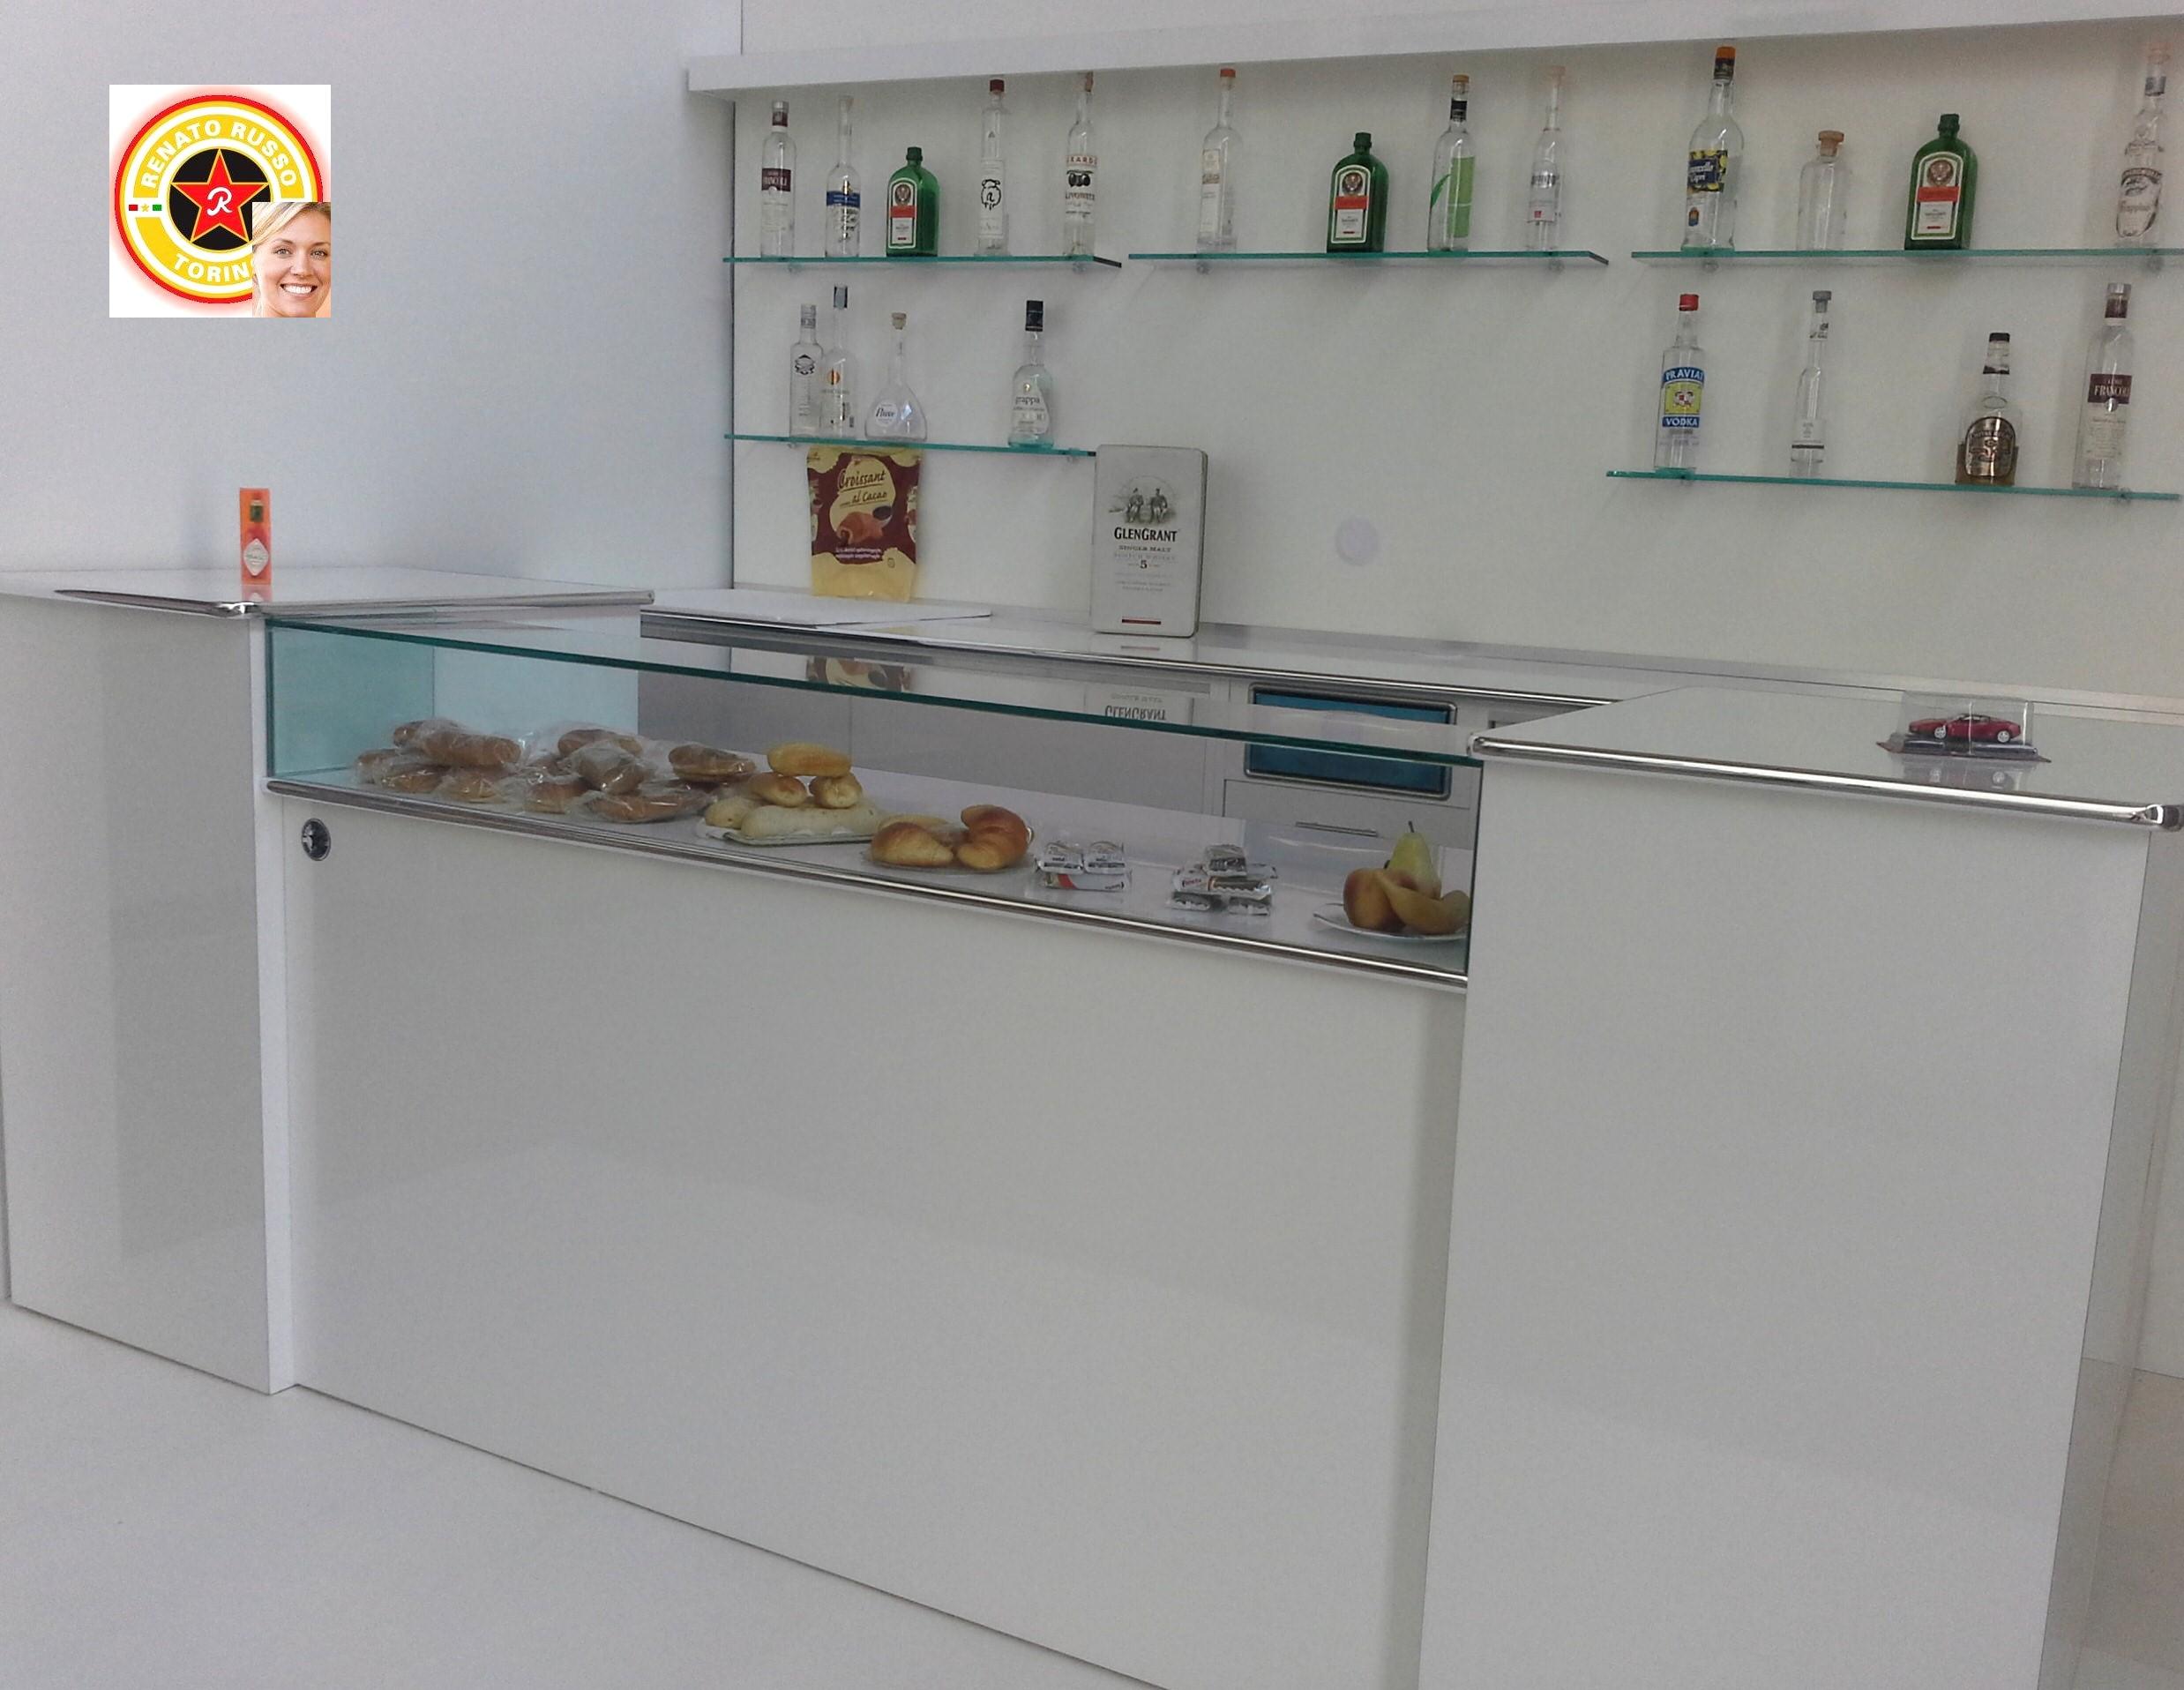 Cucine Per Ristoranti Usate Prezzi.Cappe Per Cucine Ristoranti Compra In Fabbrica Aspiratori Per